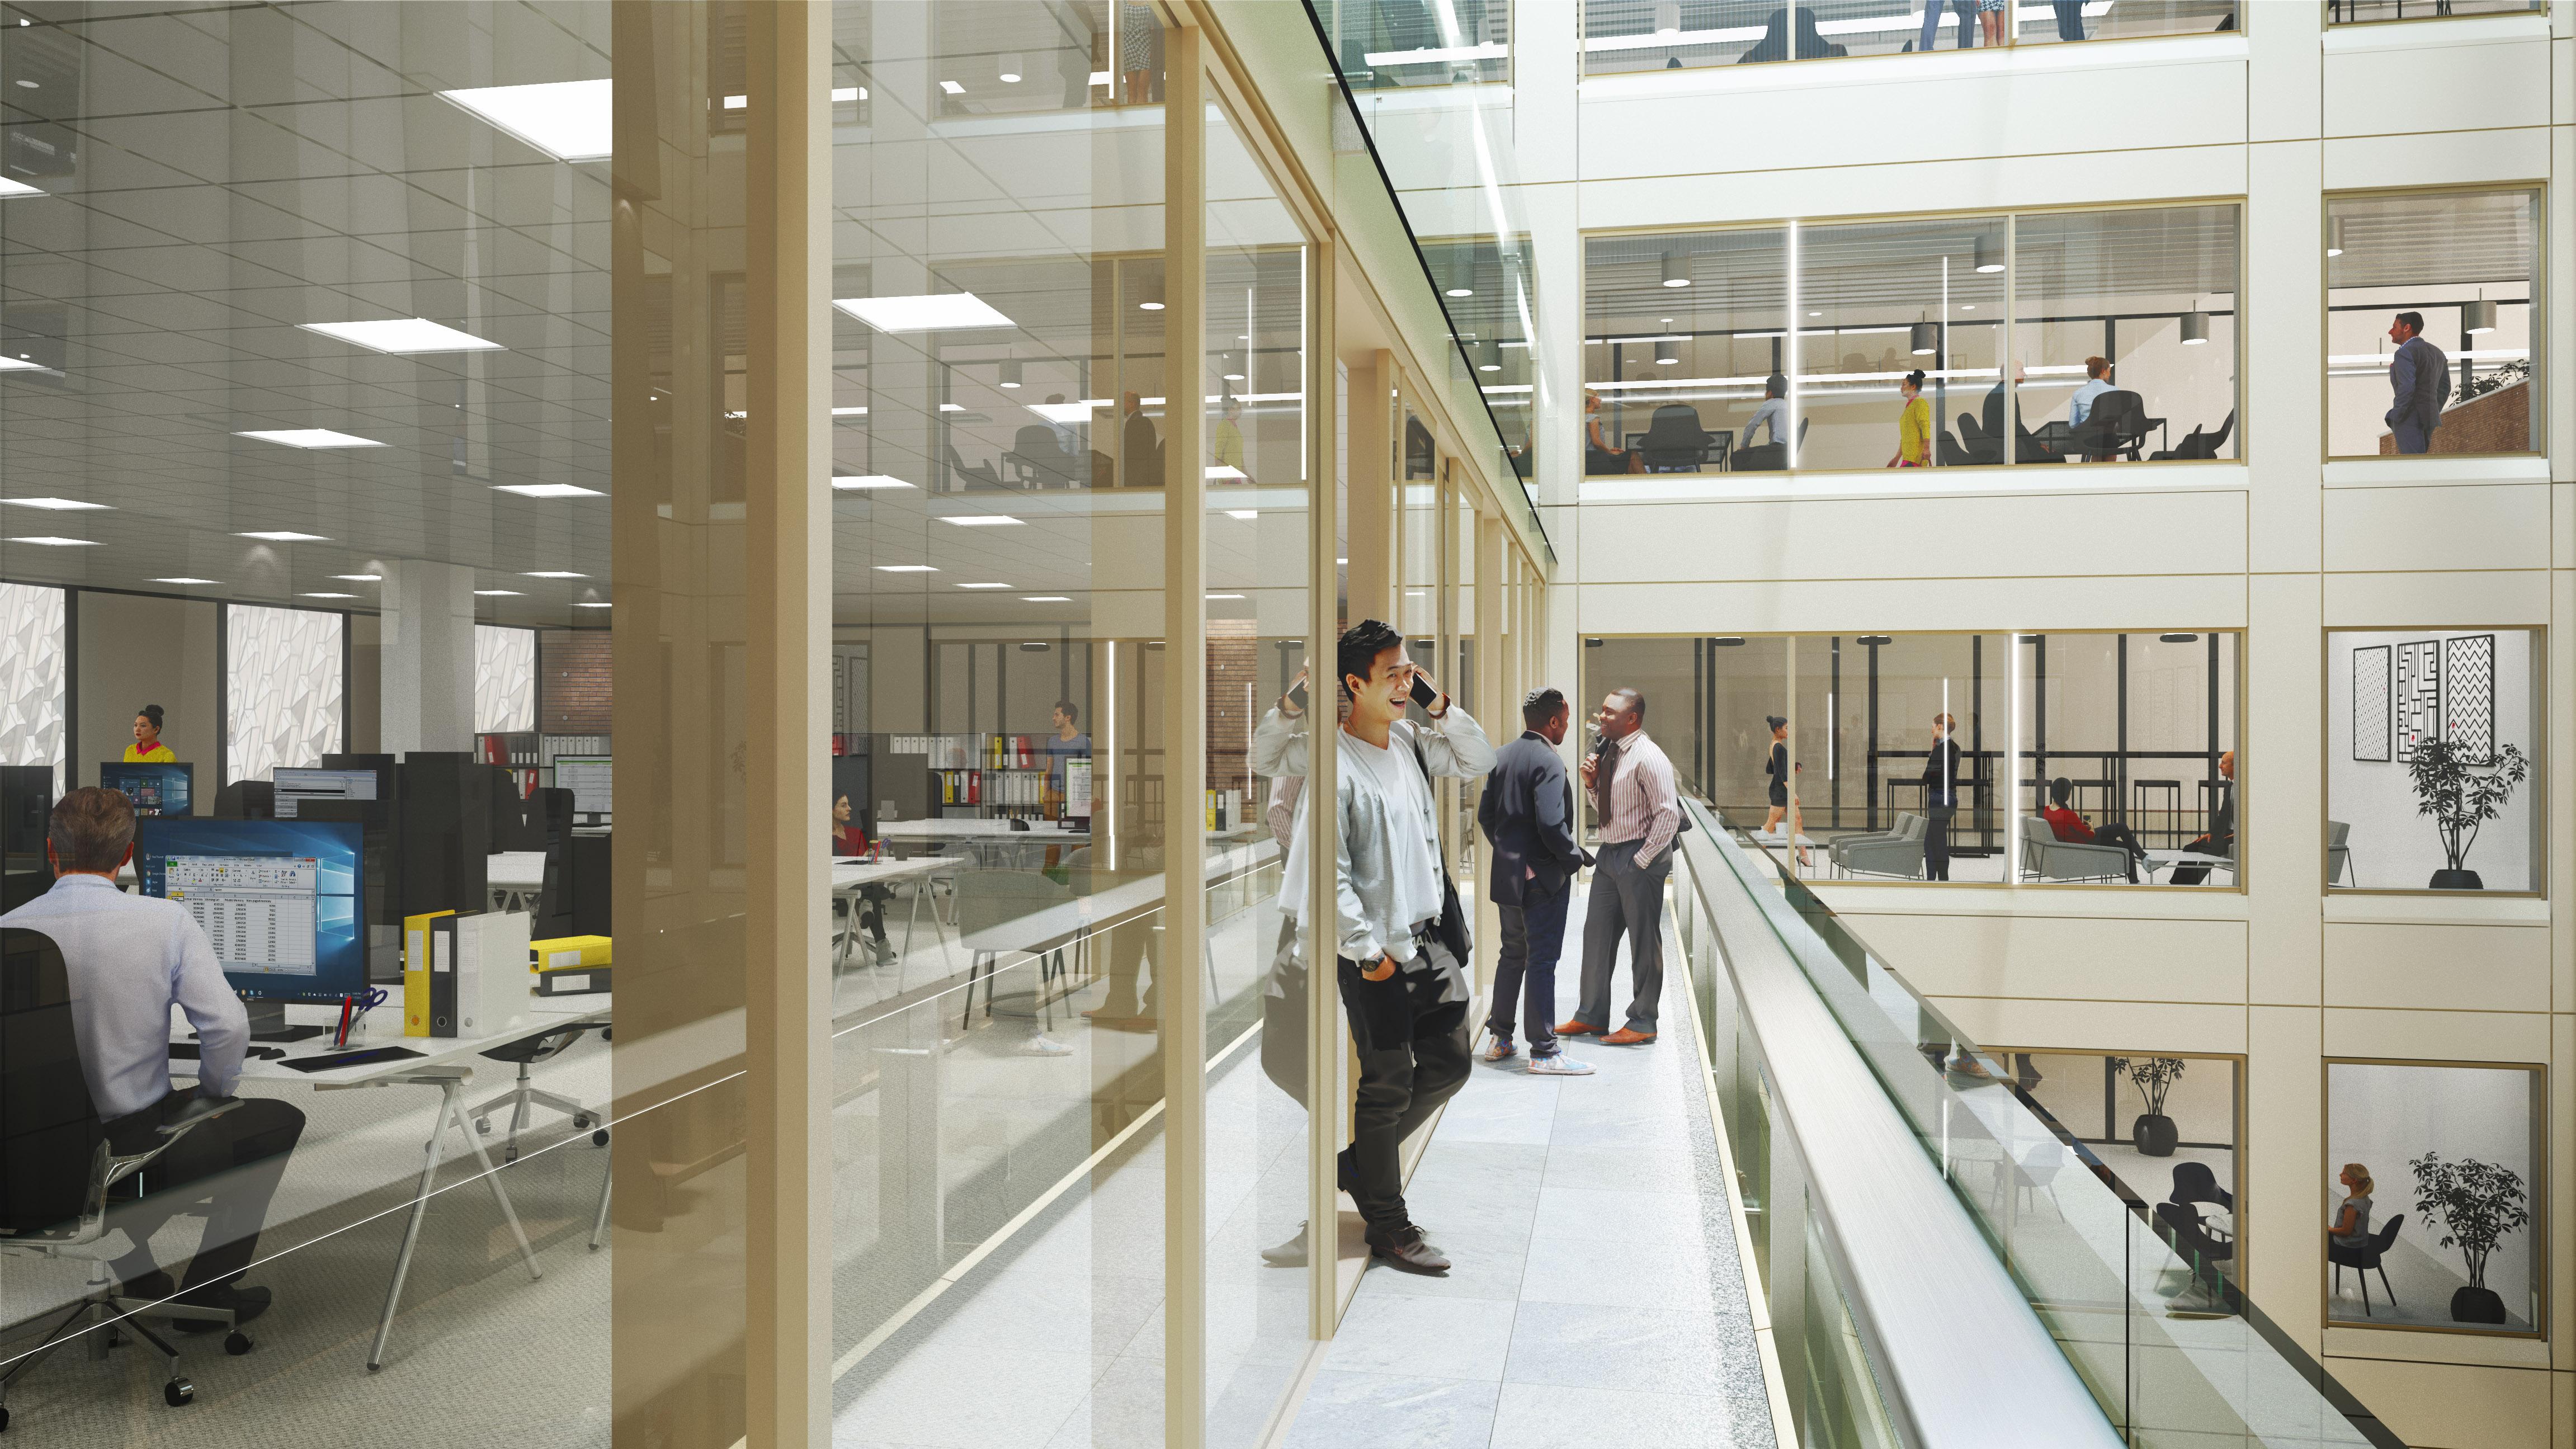 Wizualizacja wnętrza komercyjne - UKH Lightwell ujecie balkon